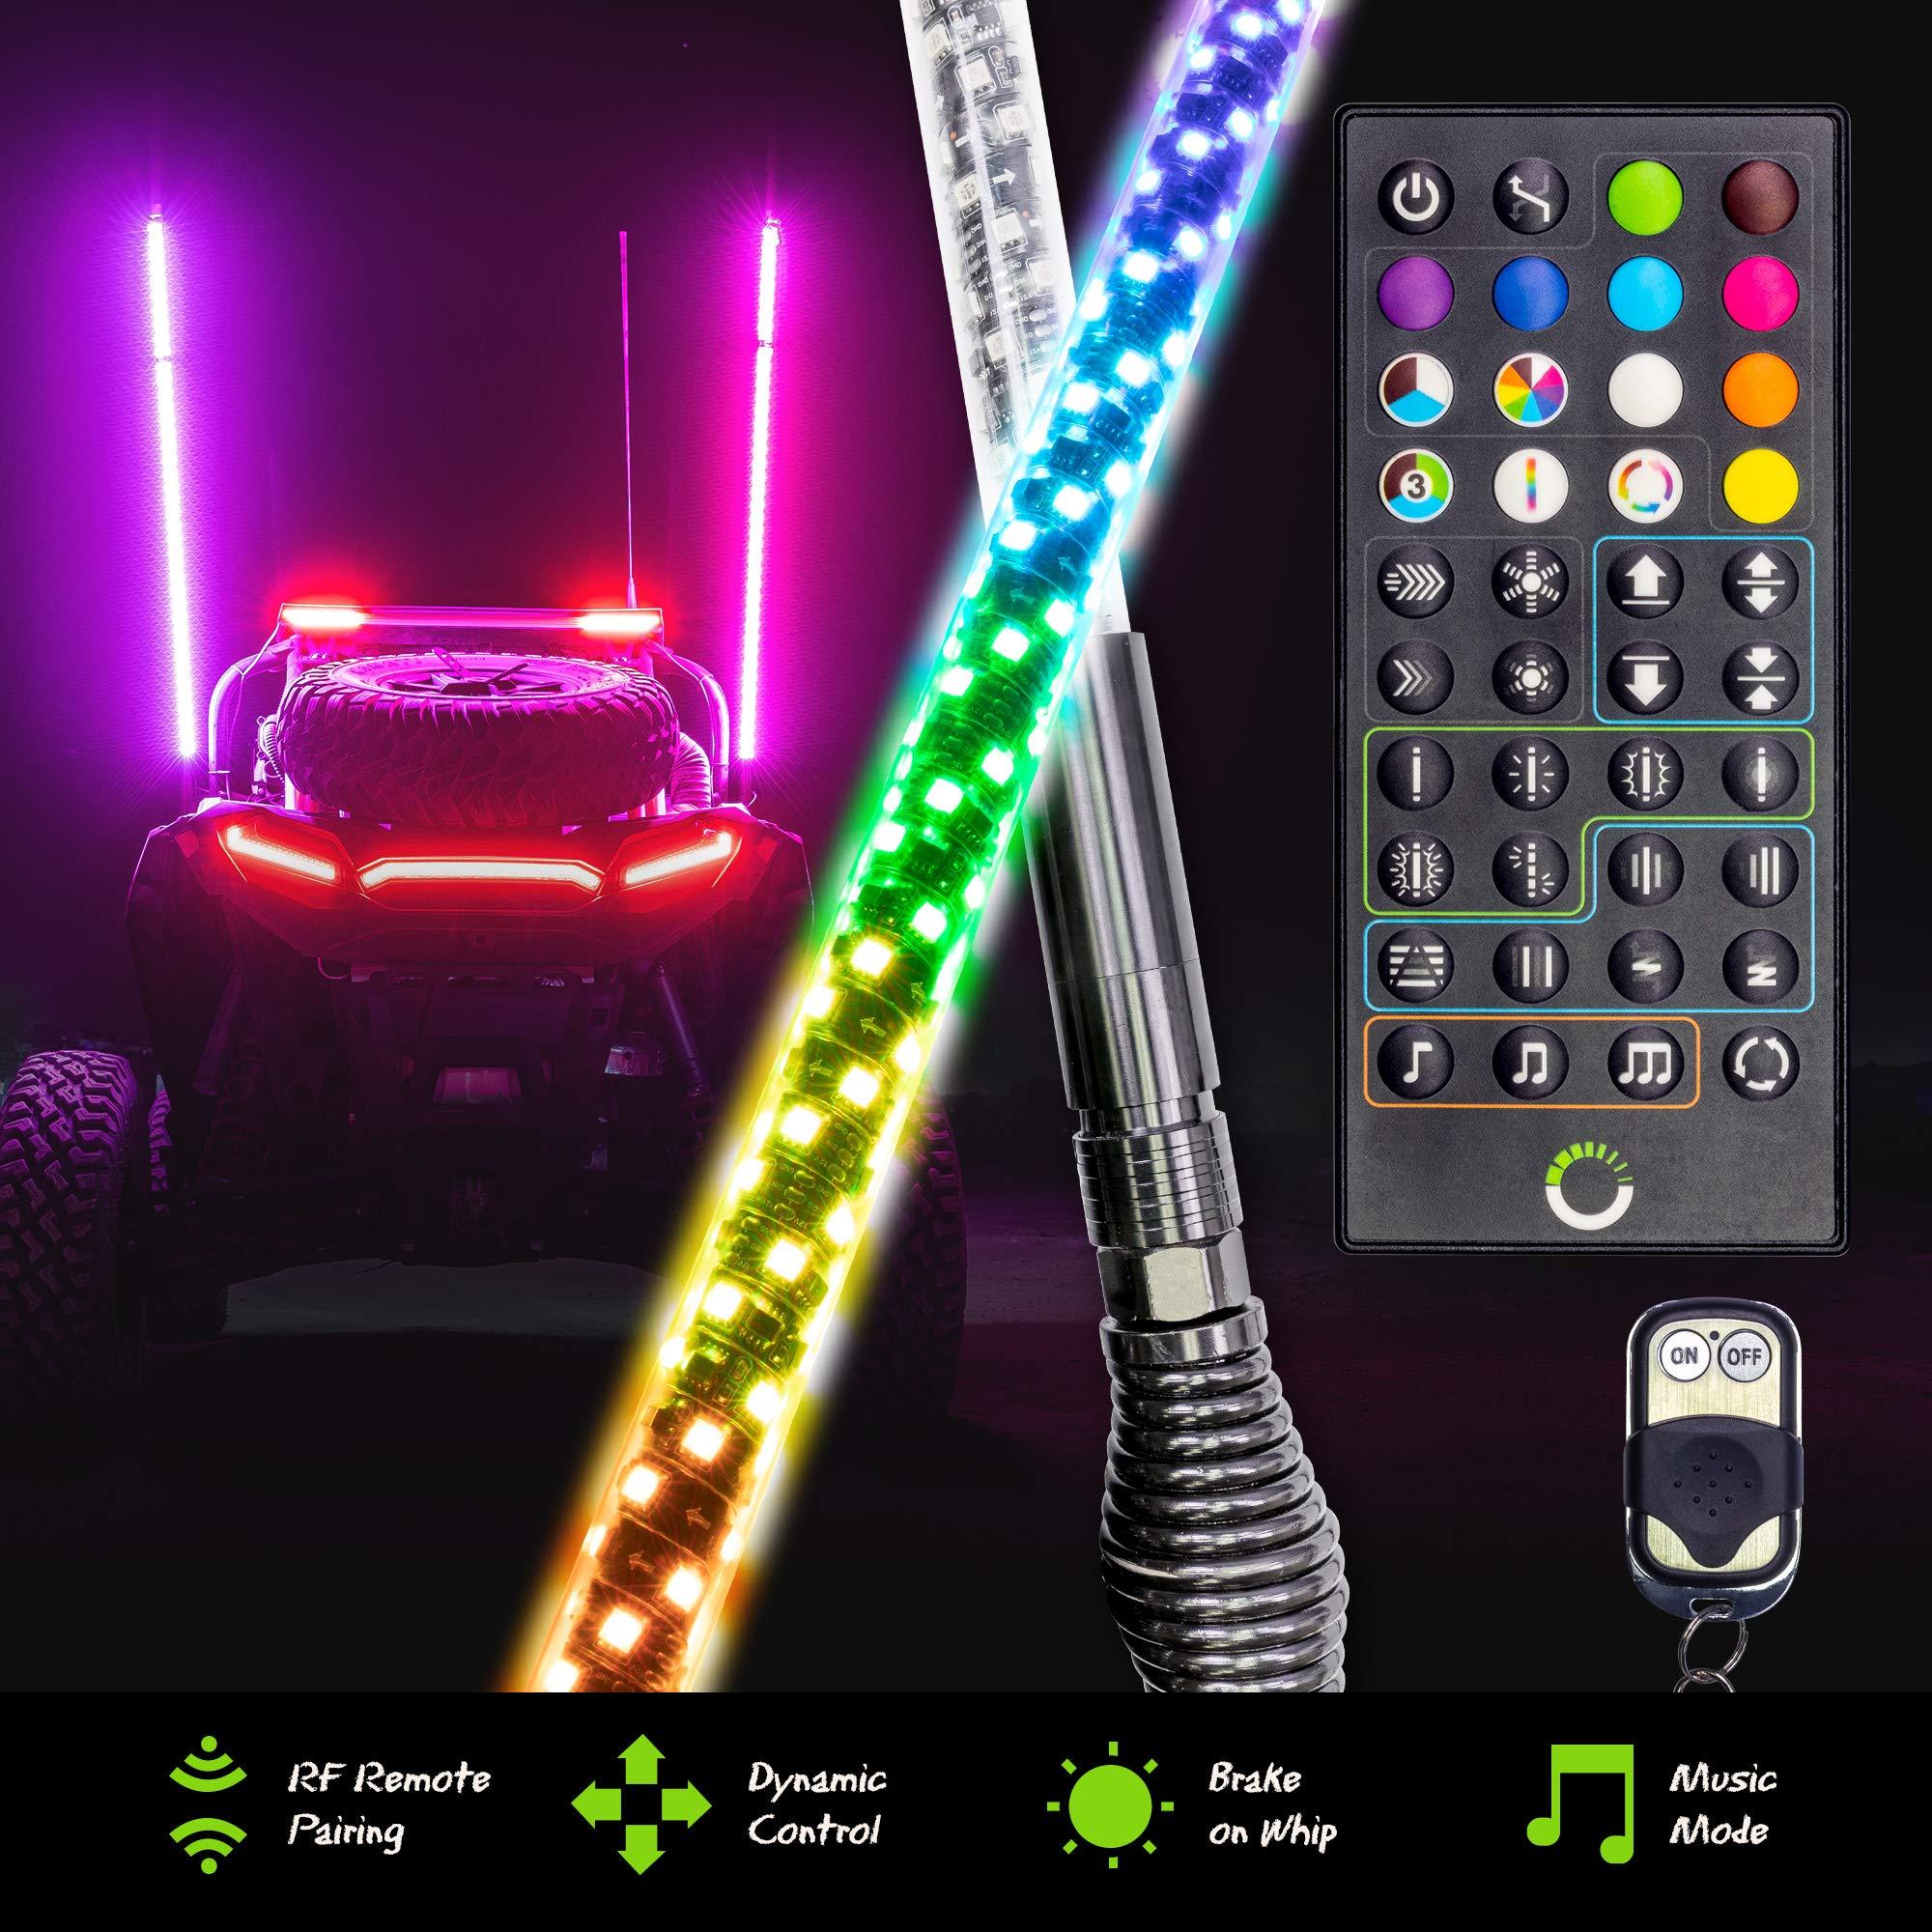 2pc 5ft Spiral LED Whip Lights for UTV ATV [RF Remote Pairin] [Dynamic LED Control] [Brake-On-Whip] [2-Layer PVC] LED Lighted Whips Antenna for RZR Can-Am Polaris UTV ATV Accessories